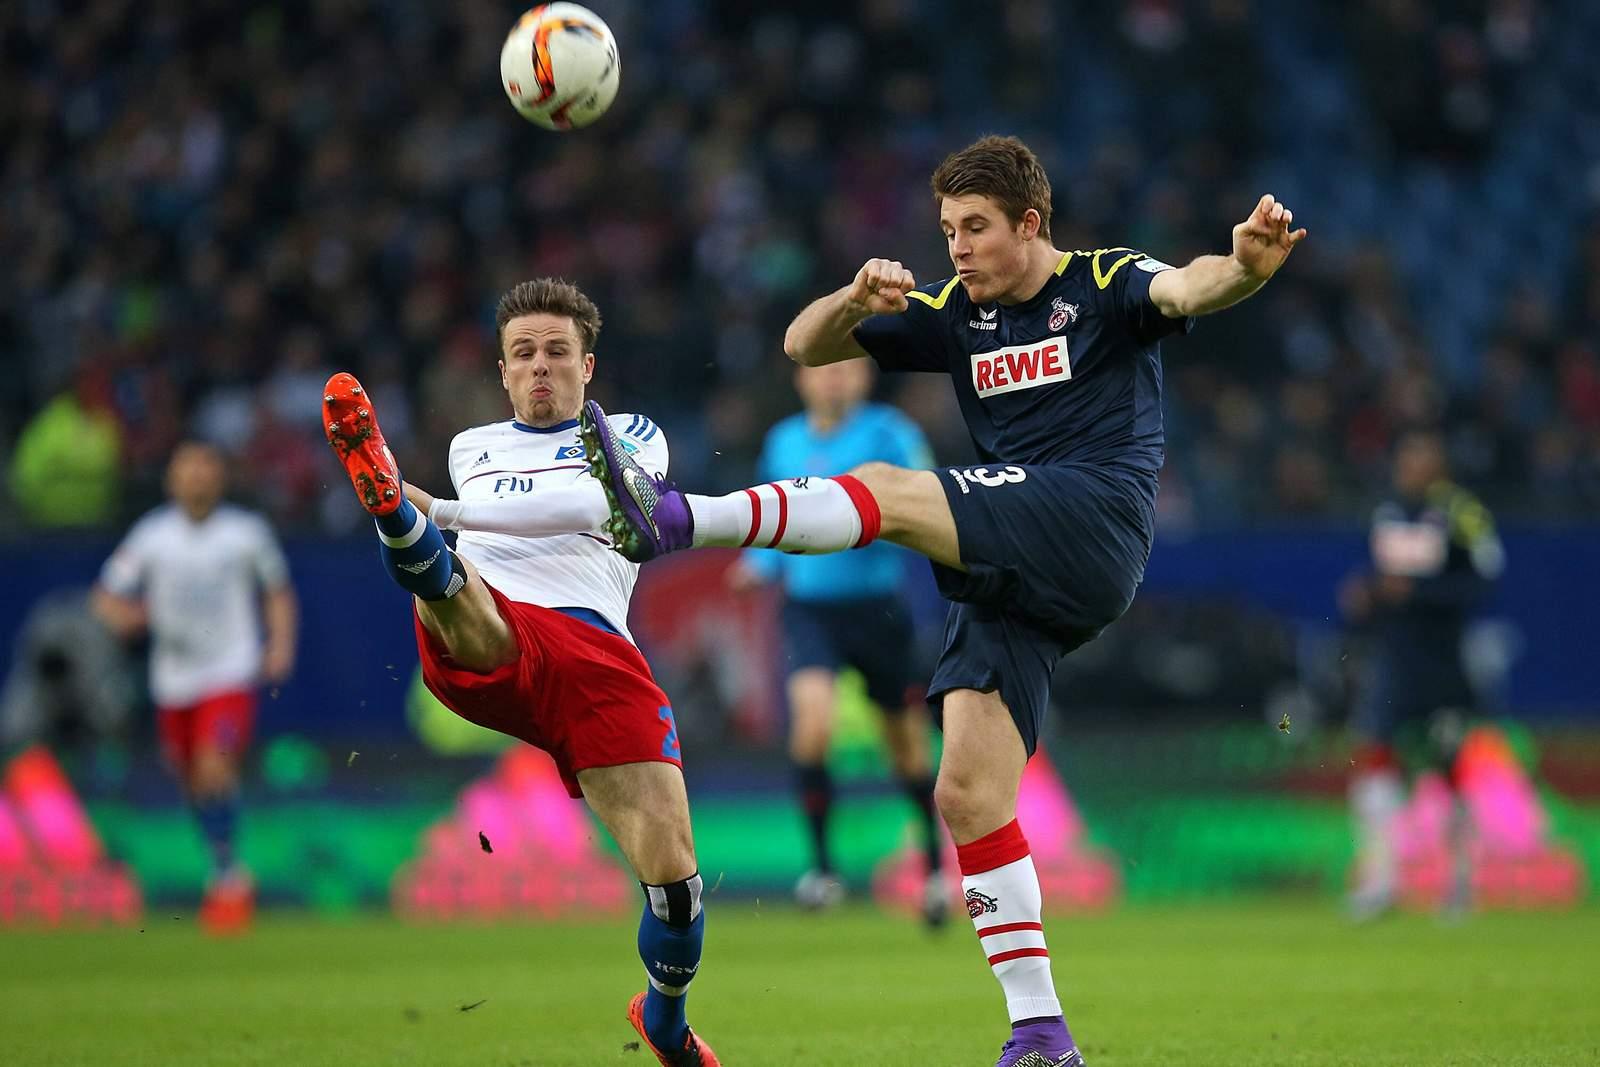 Setzt sich Heintz gegen Müller durch? Jetzt auf HSV gegen Köln wetten